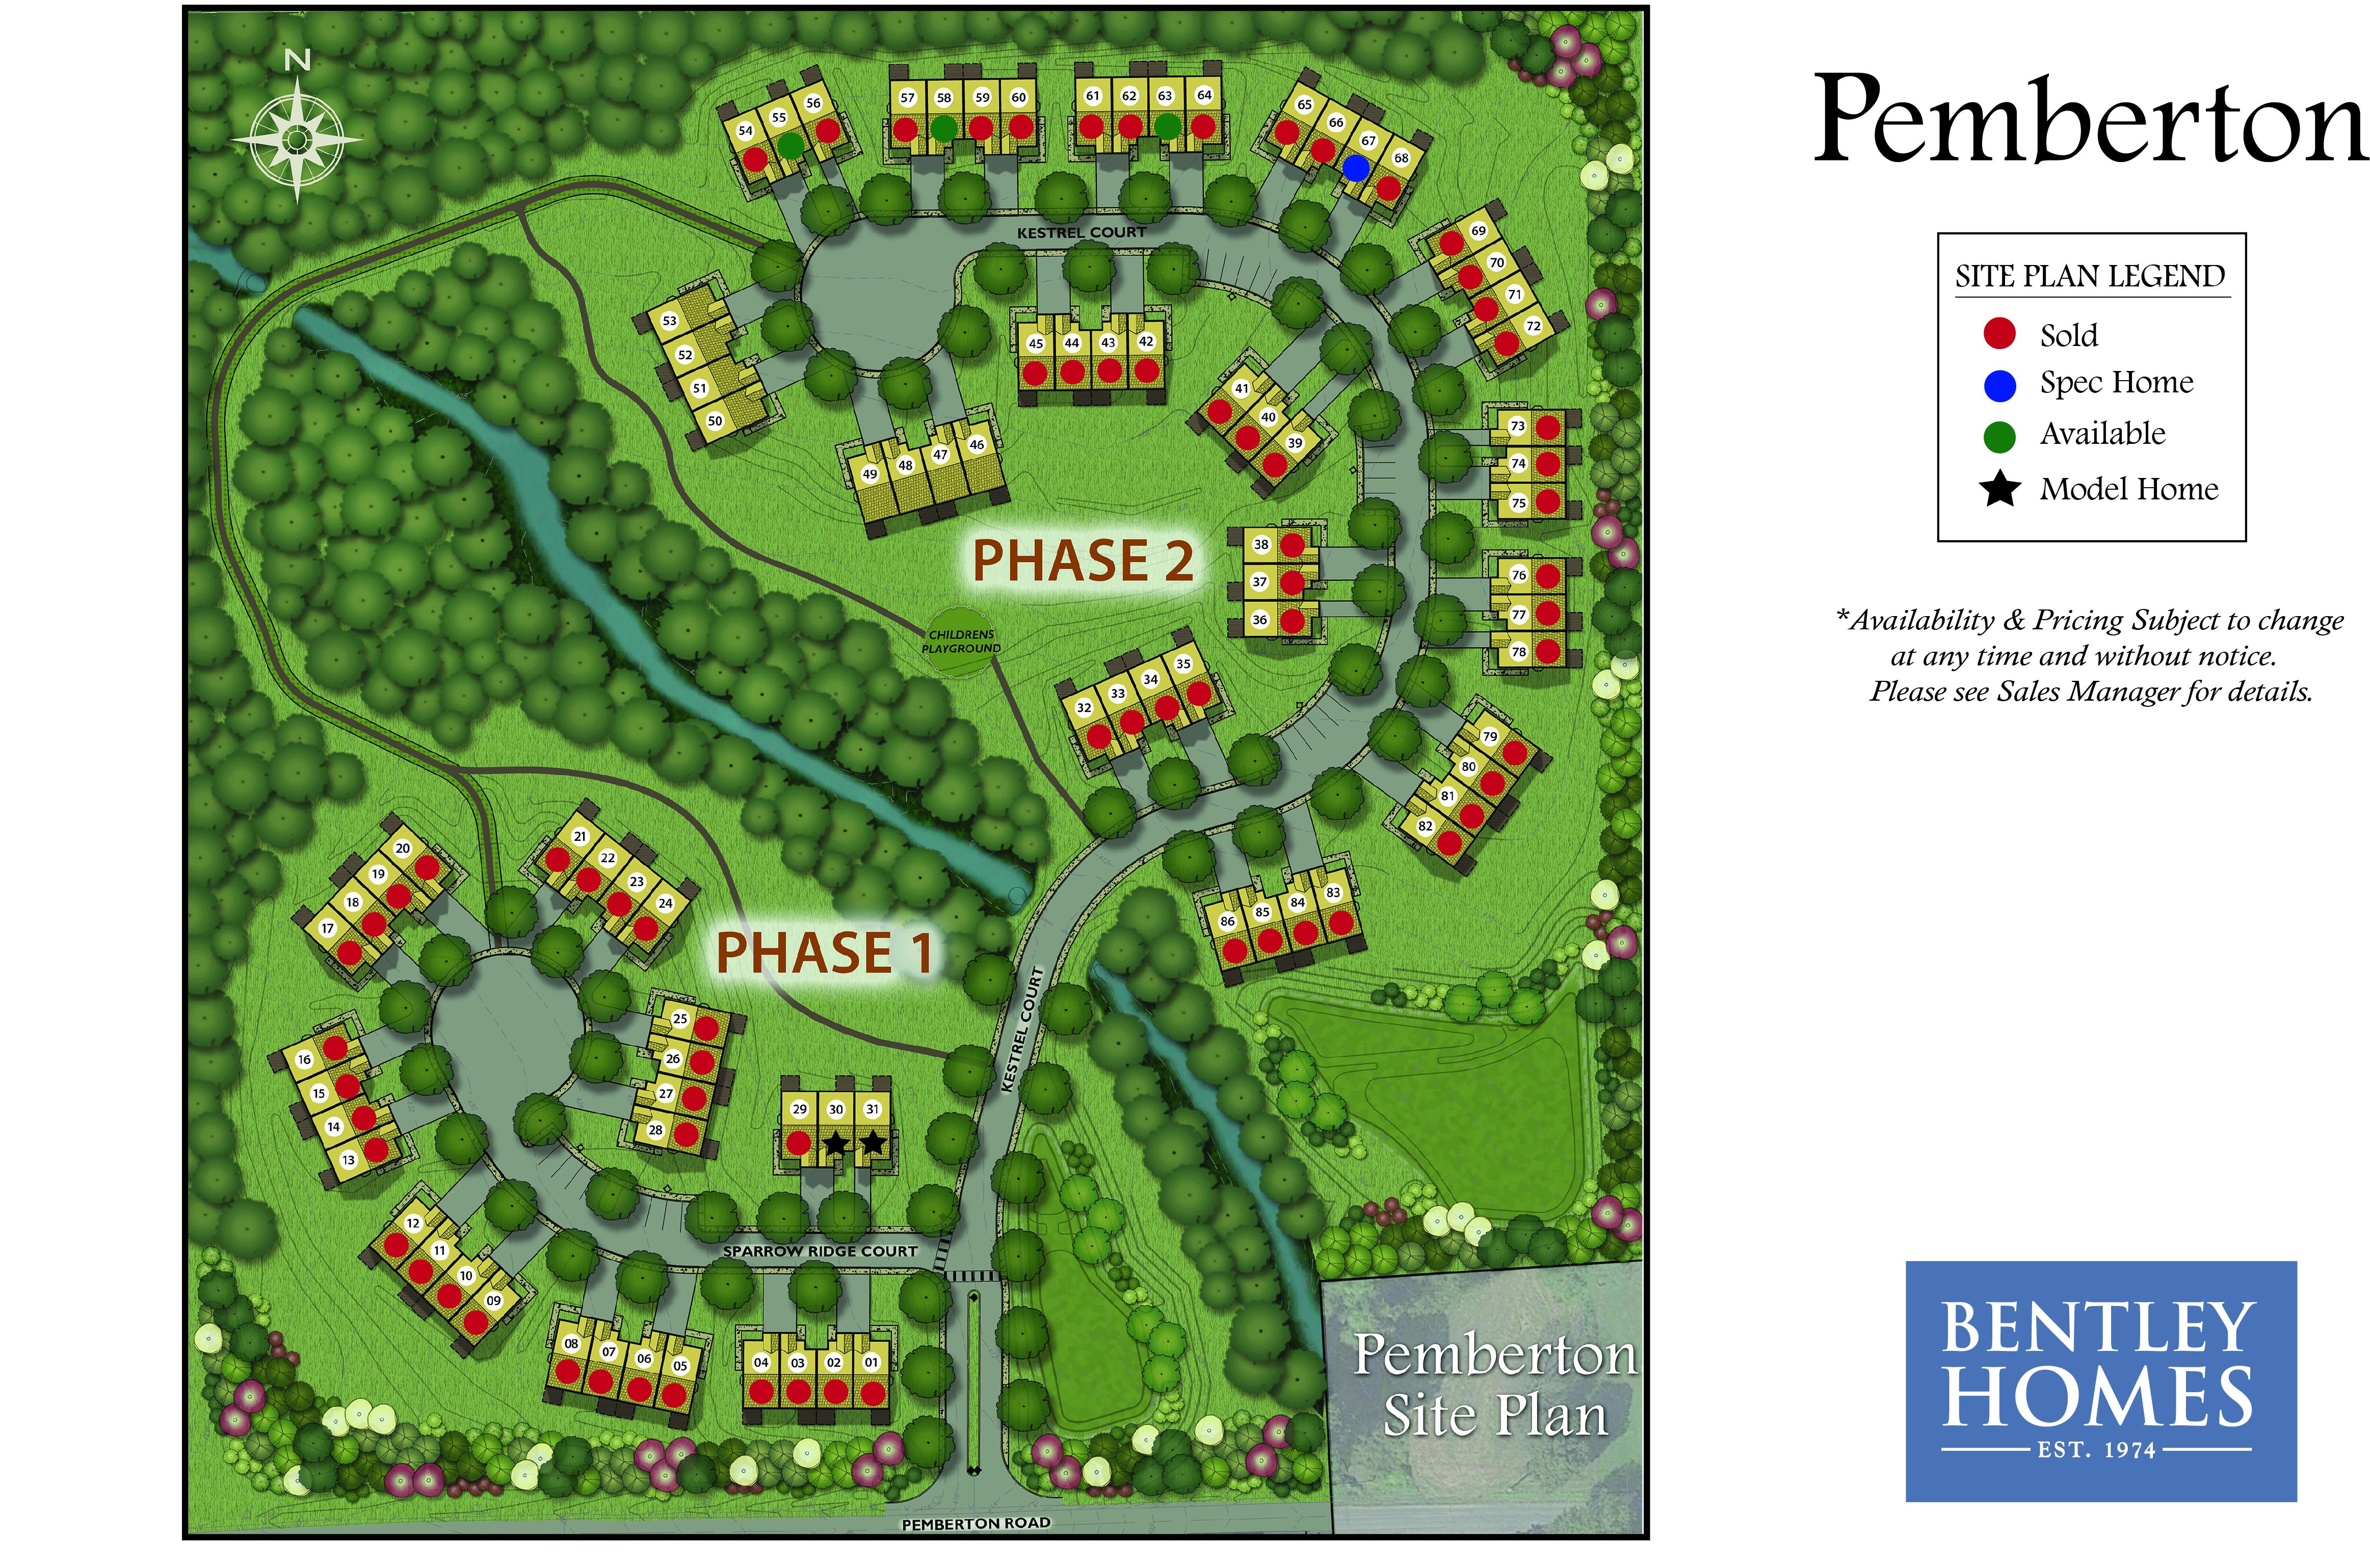 Pemberton Site Plan